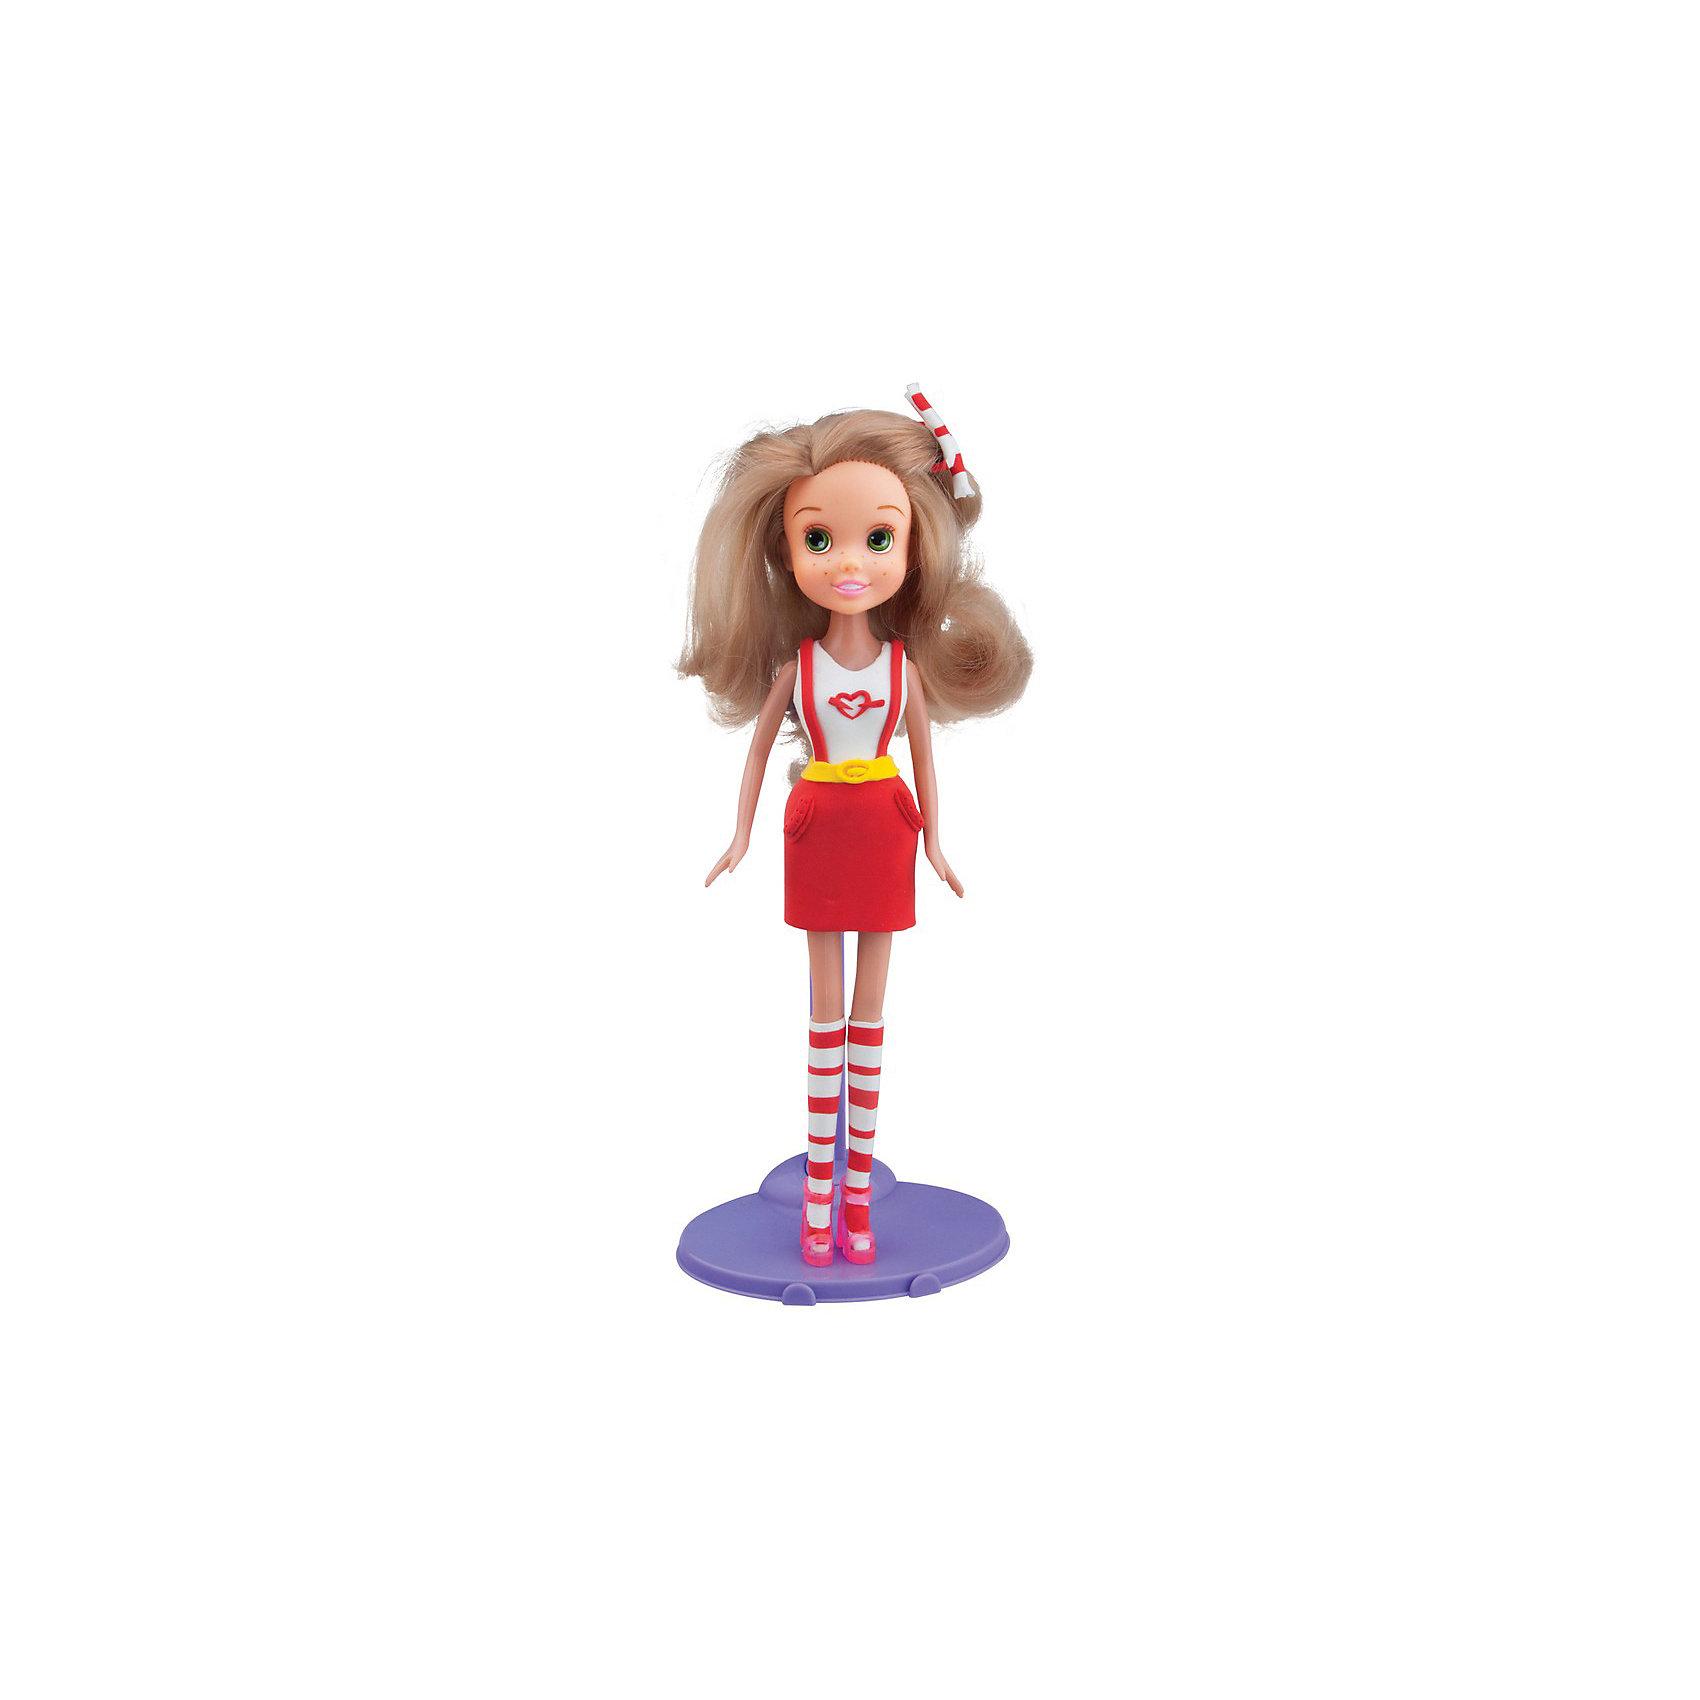 Набор для творчества с пластилином Fashion Dough и куклой Блондинка в красной юбкеЛепка<br>Набор для творчества «Fashion Dough» создан специально для юных рукодельниц. При помощи пластилина, удобных инструментов для моделирования и подробной инструкции малышка сможет самостоятельно создавать красивые наряды для куколки-модели, входящей в комплект.  Легкий, мягкий и гладкий материал не содержит глютена и является гипоаллергенным. Если пластилин засыхает, можно просто добавить воды и продолжить лепку.  Очаровательная куколка с пышными золотистыми волосами сможет участвовать в модных показах каждый раз в новом наряде. Подарите вашей малышке радость творчества и новых открытий!  Рекомендованный возраст: от 6 лет. Размер упаковки: 18,6х5,8х29,4 см.  В комплекте: кукла-модель; масса для моделирования – 2 шт.; инструменты для моделирования – 2 шт.; обувь для куклы; держатель для куклы; инструкция.<br><br>Ширина мм: 186<br>Глубина мм: 58<br>Высота мм: 294<br>Вес г: 330<br>Возраст от месяцев: 72<br>Возраст до месяцев: 144<br>Пол: Женский<br>Возраст: Детский<br>SKU: 6867051